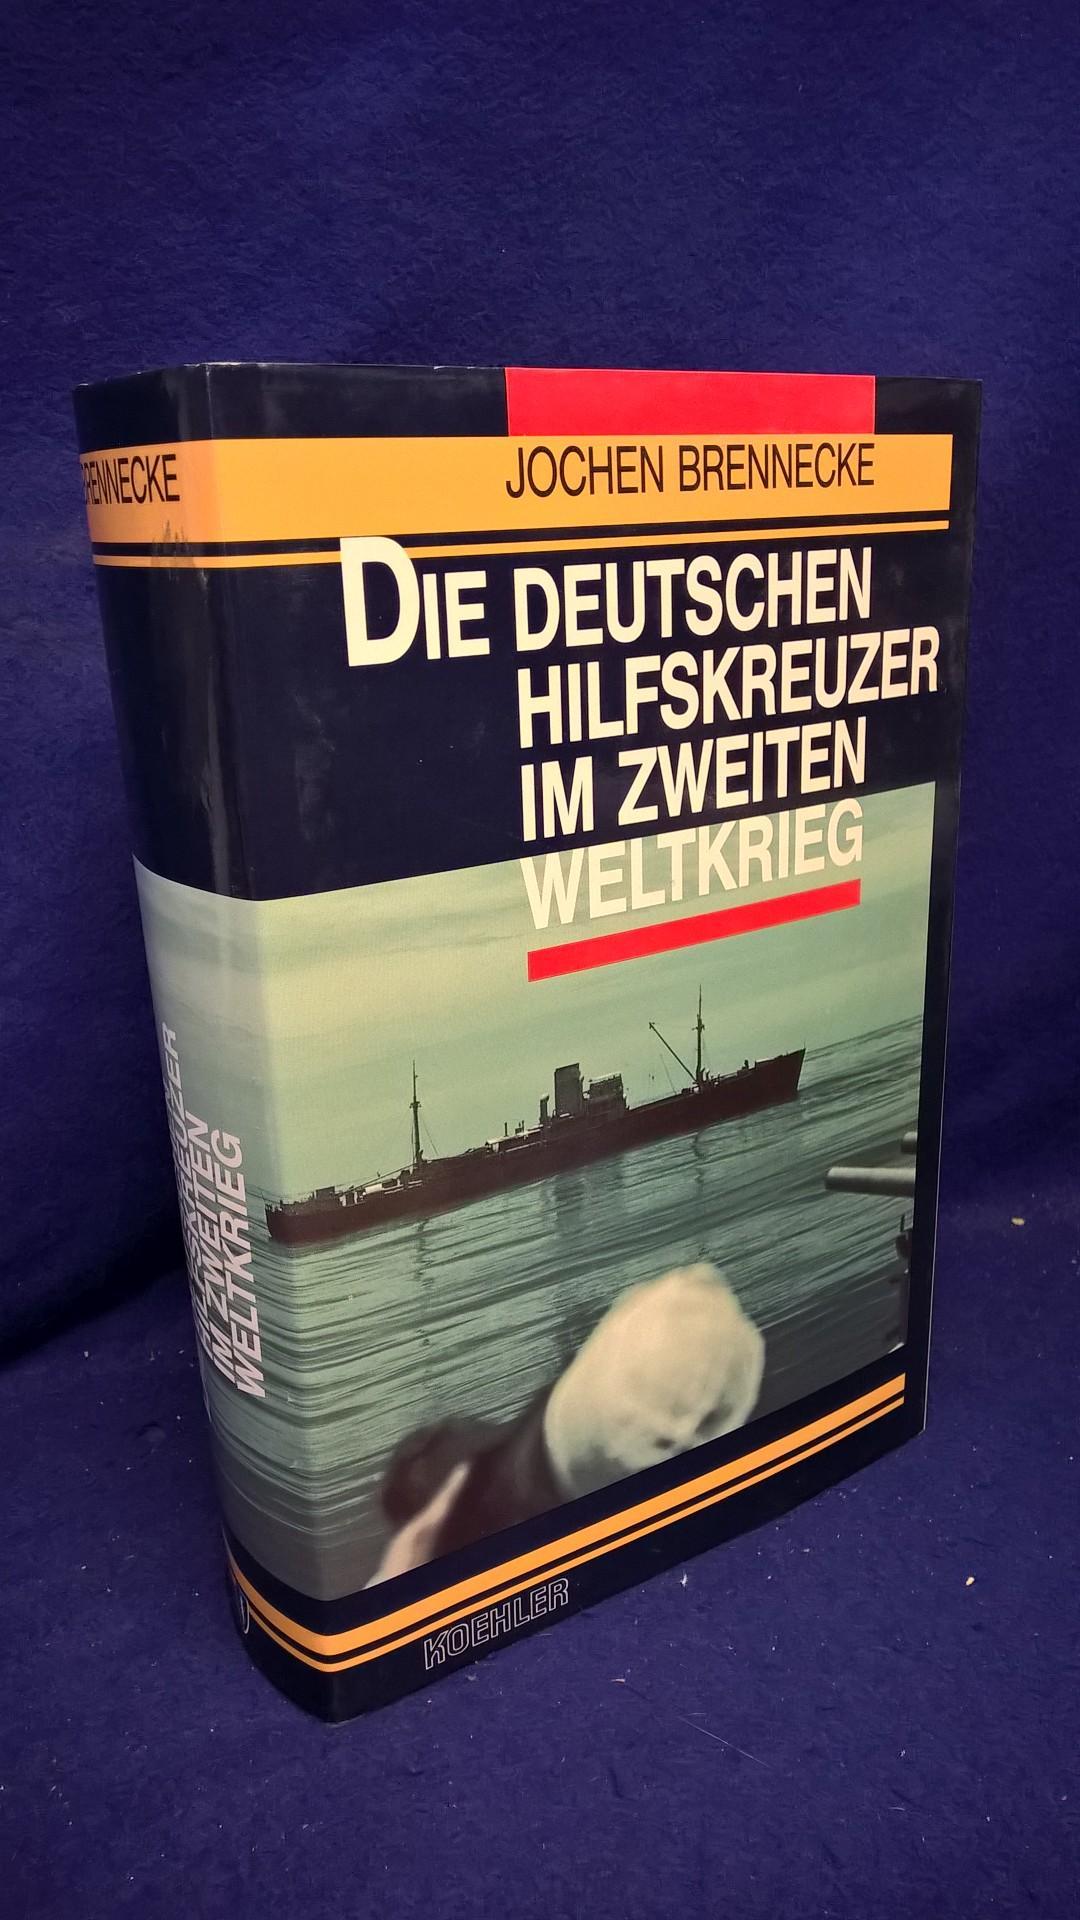 Die deutschen Hilfskreuzer im Zweiten Weltkrieg.